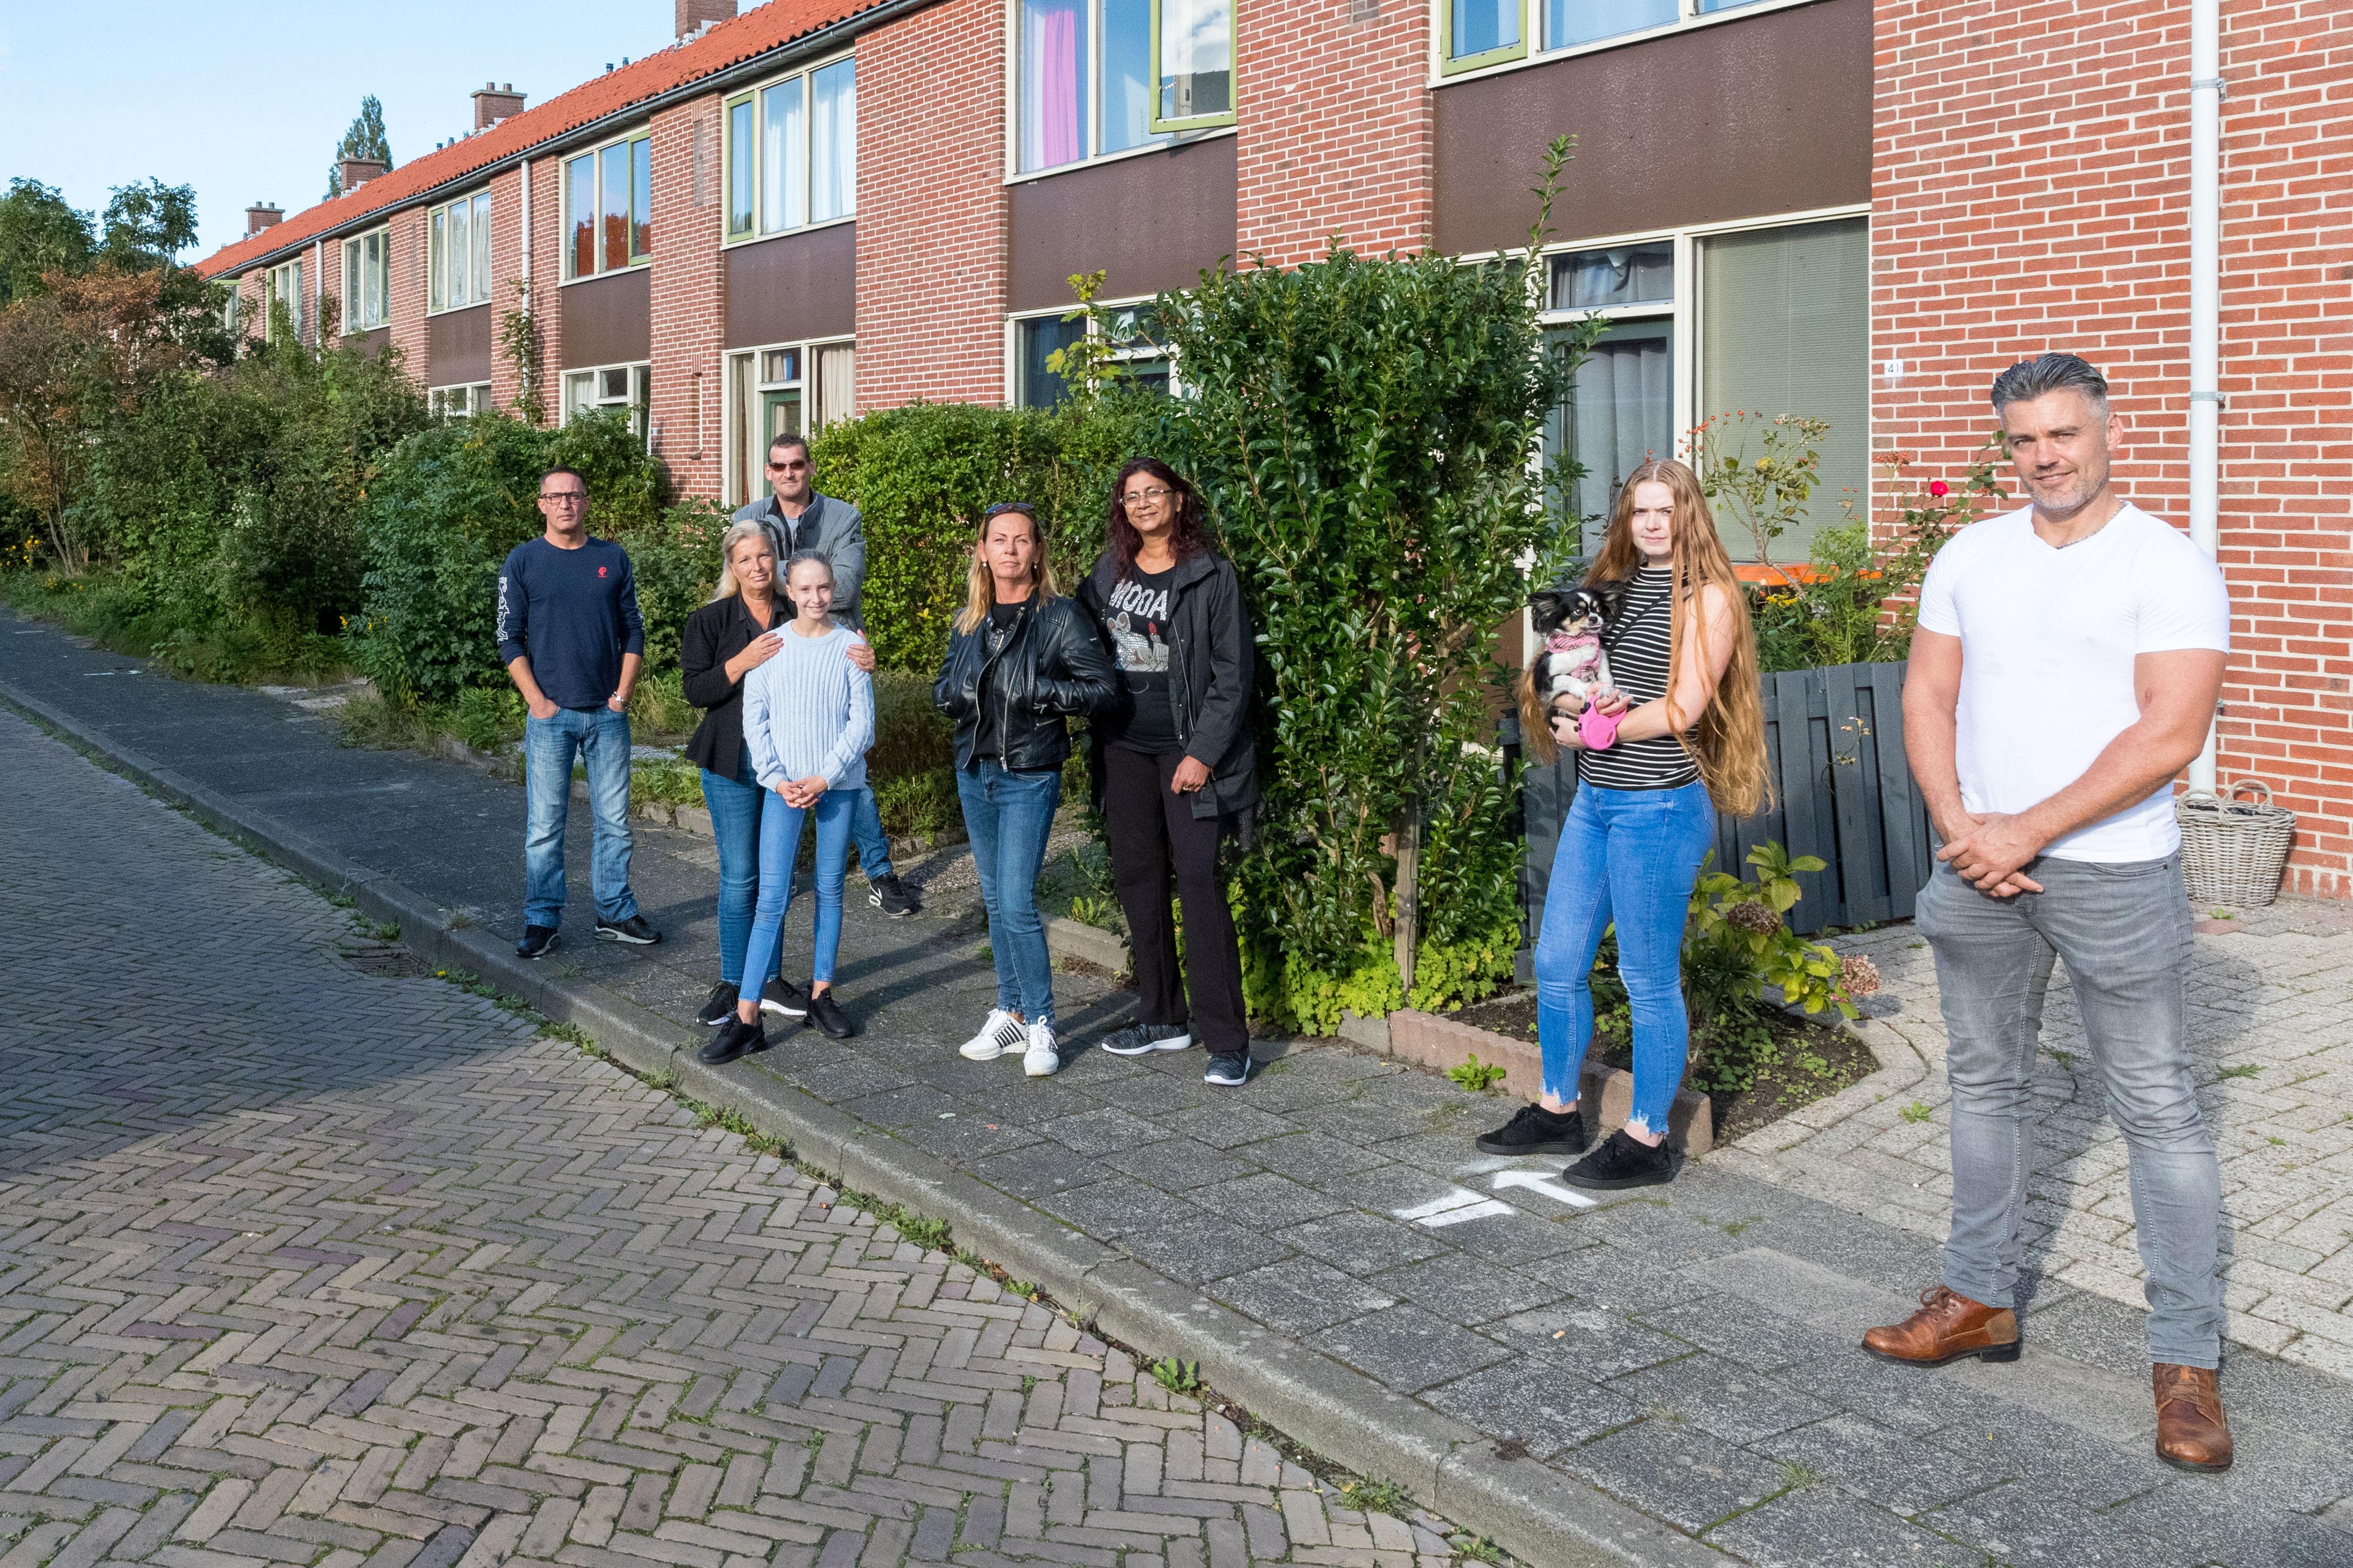 Bewoners sloophuizen Bloemenbuurt Enkhuizen wijzen aanbod gemeente om drie maanden in hotel te wonen af. 'Te duur en we kunnen onze kinderen niet ontvangen'